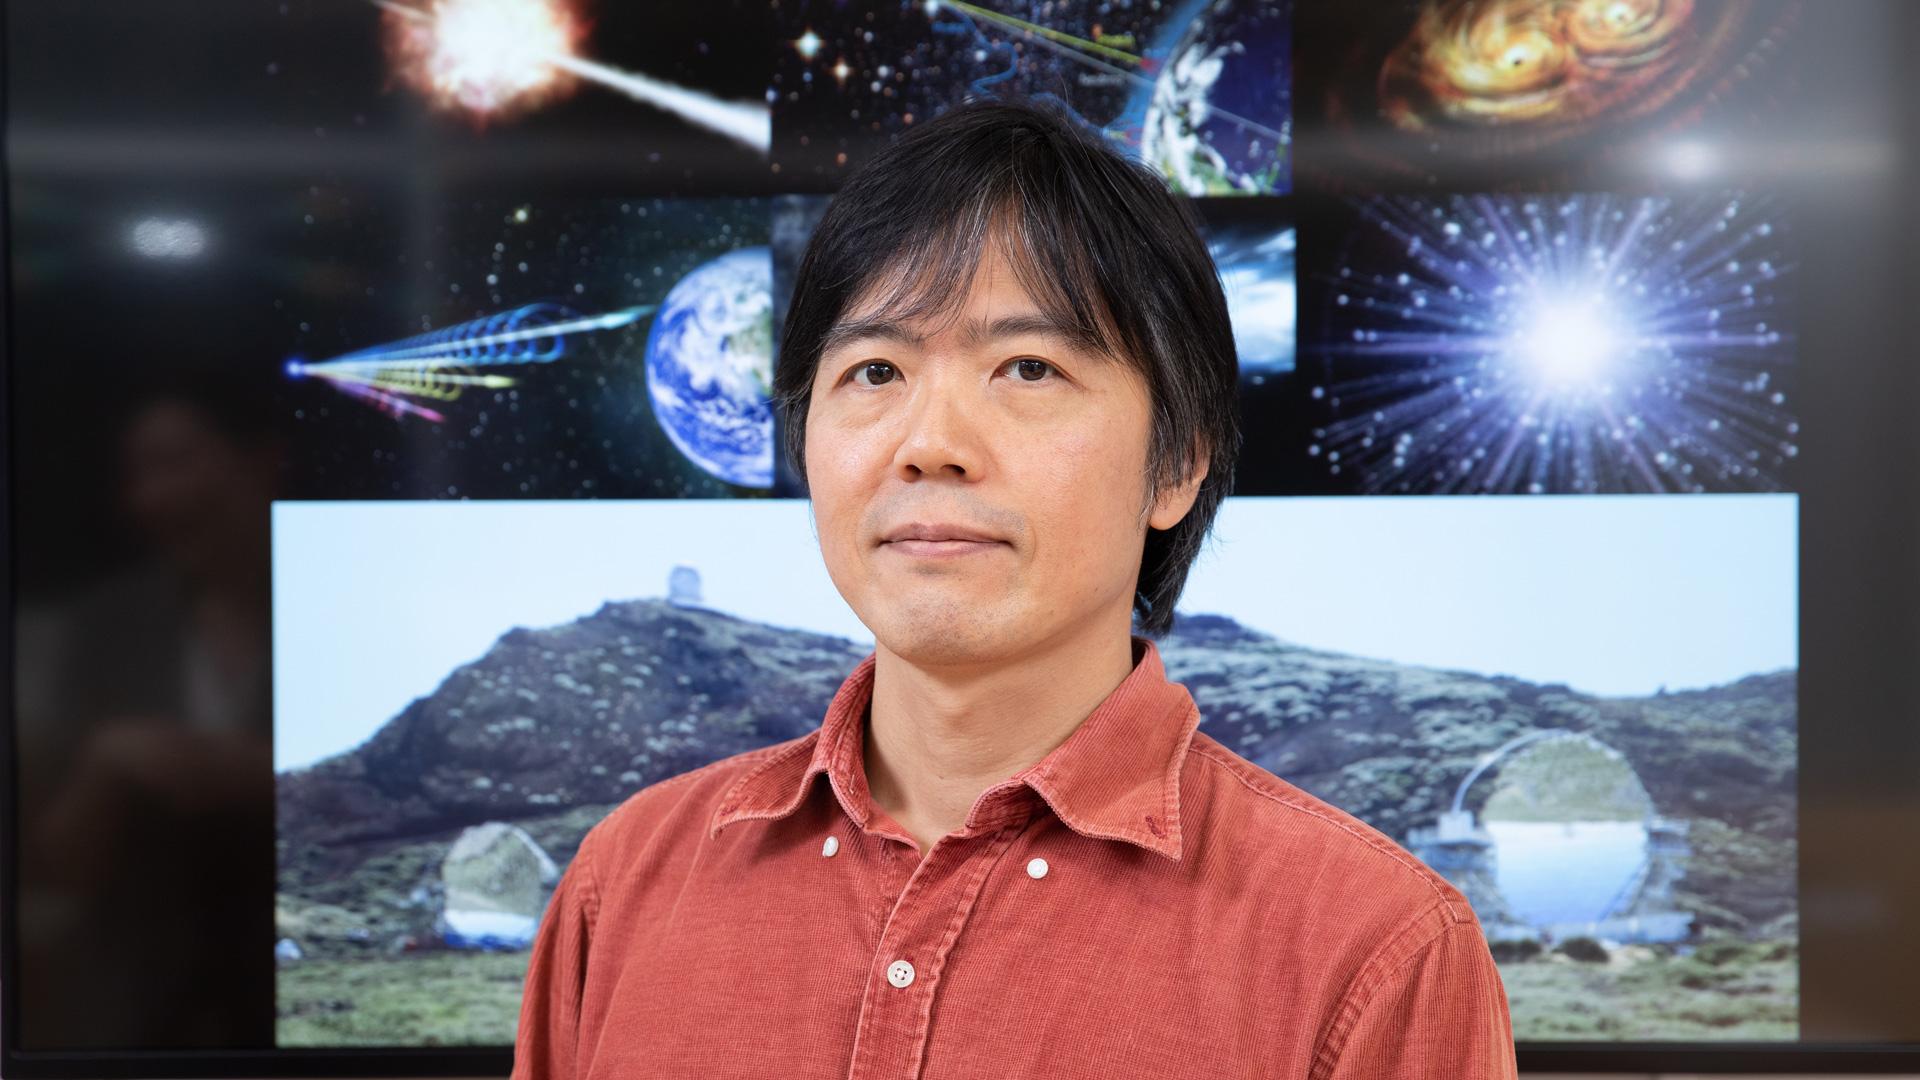 Susumu Inoue